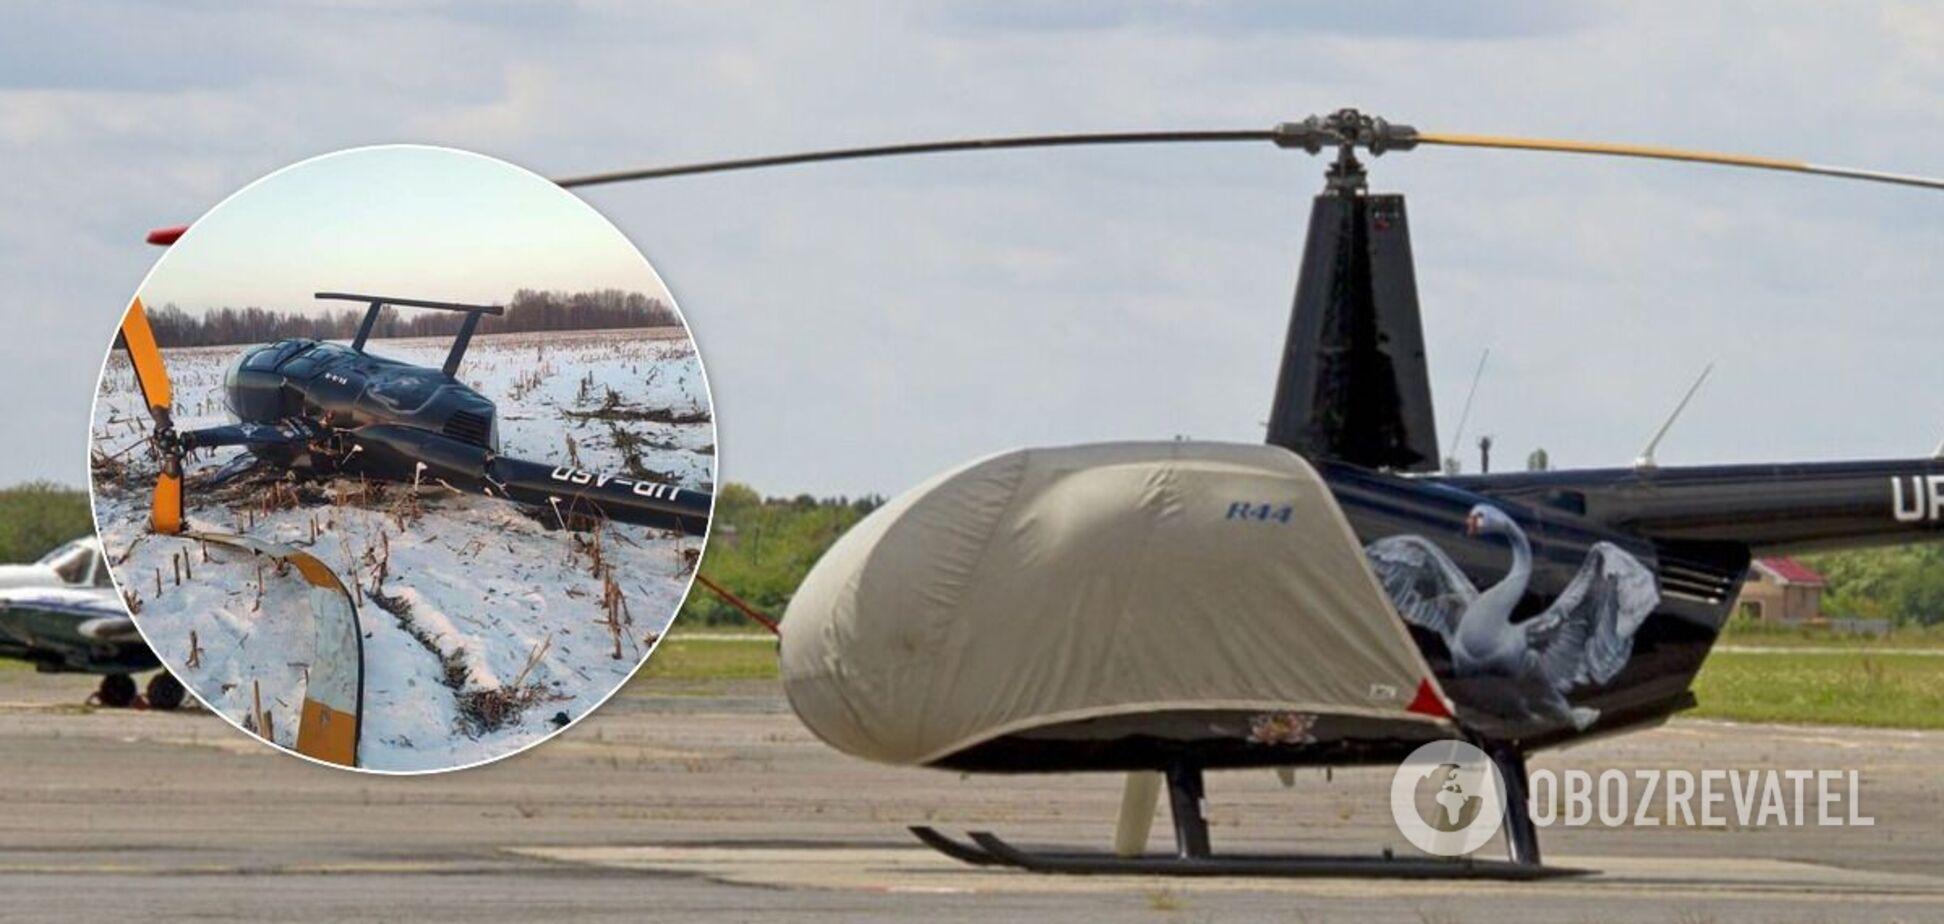 Вертолет разбился в районе Борисполя